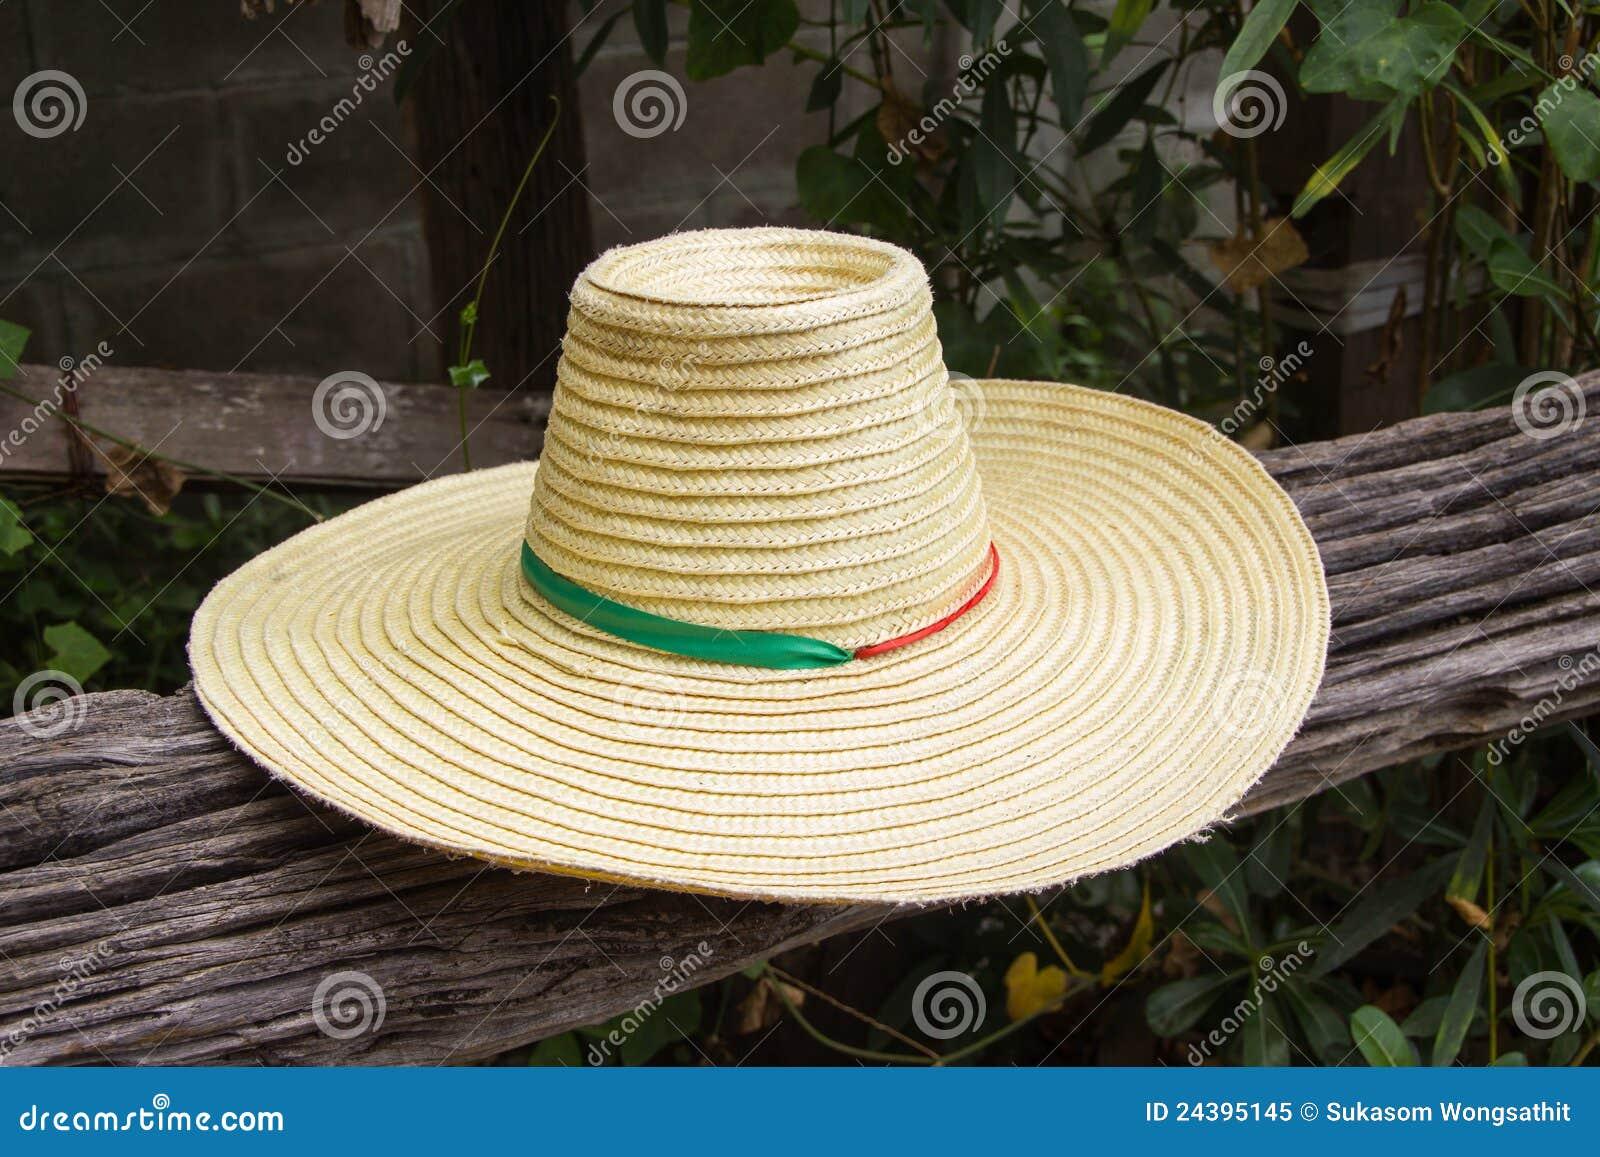 农夫帽子_农夫帽子